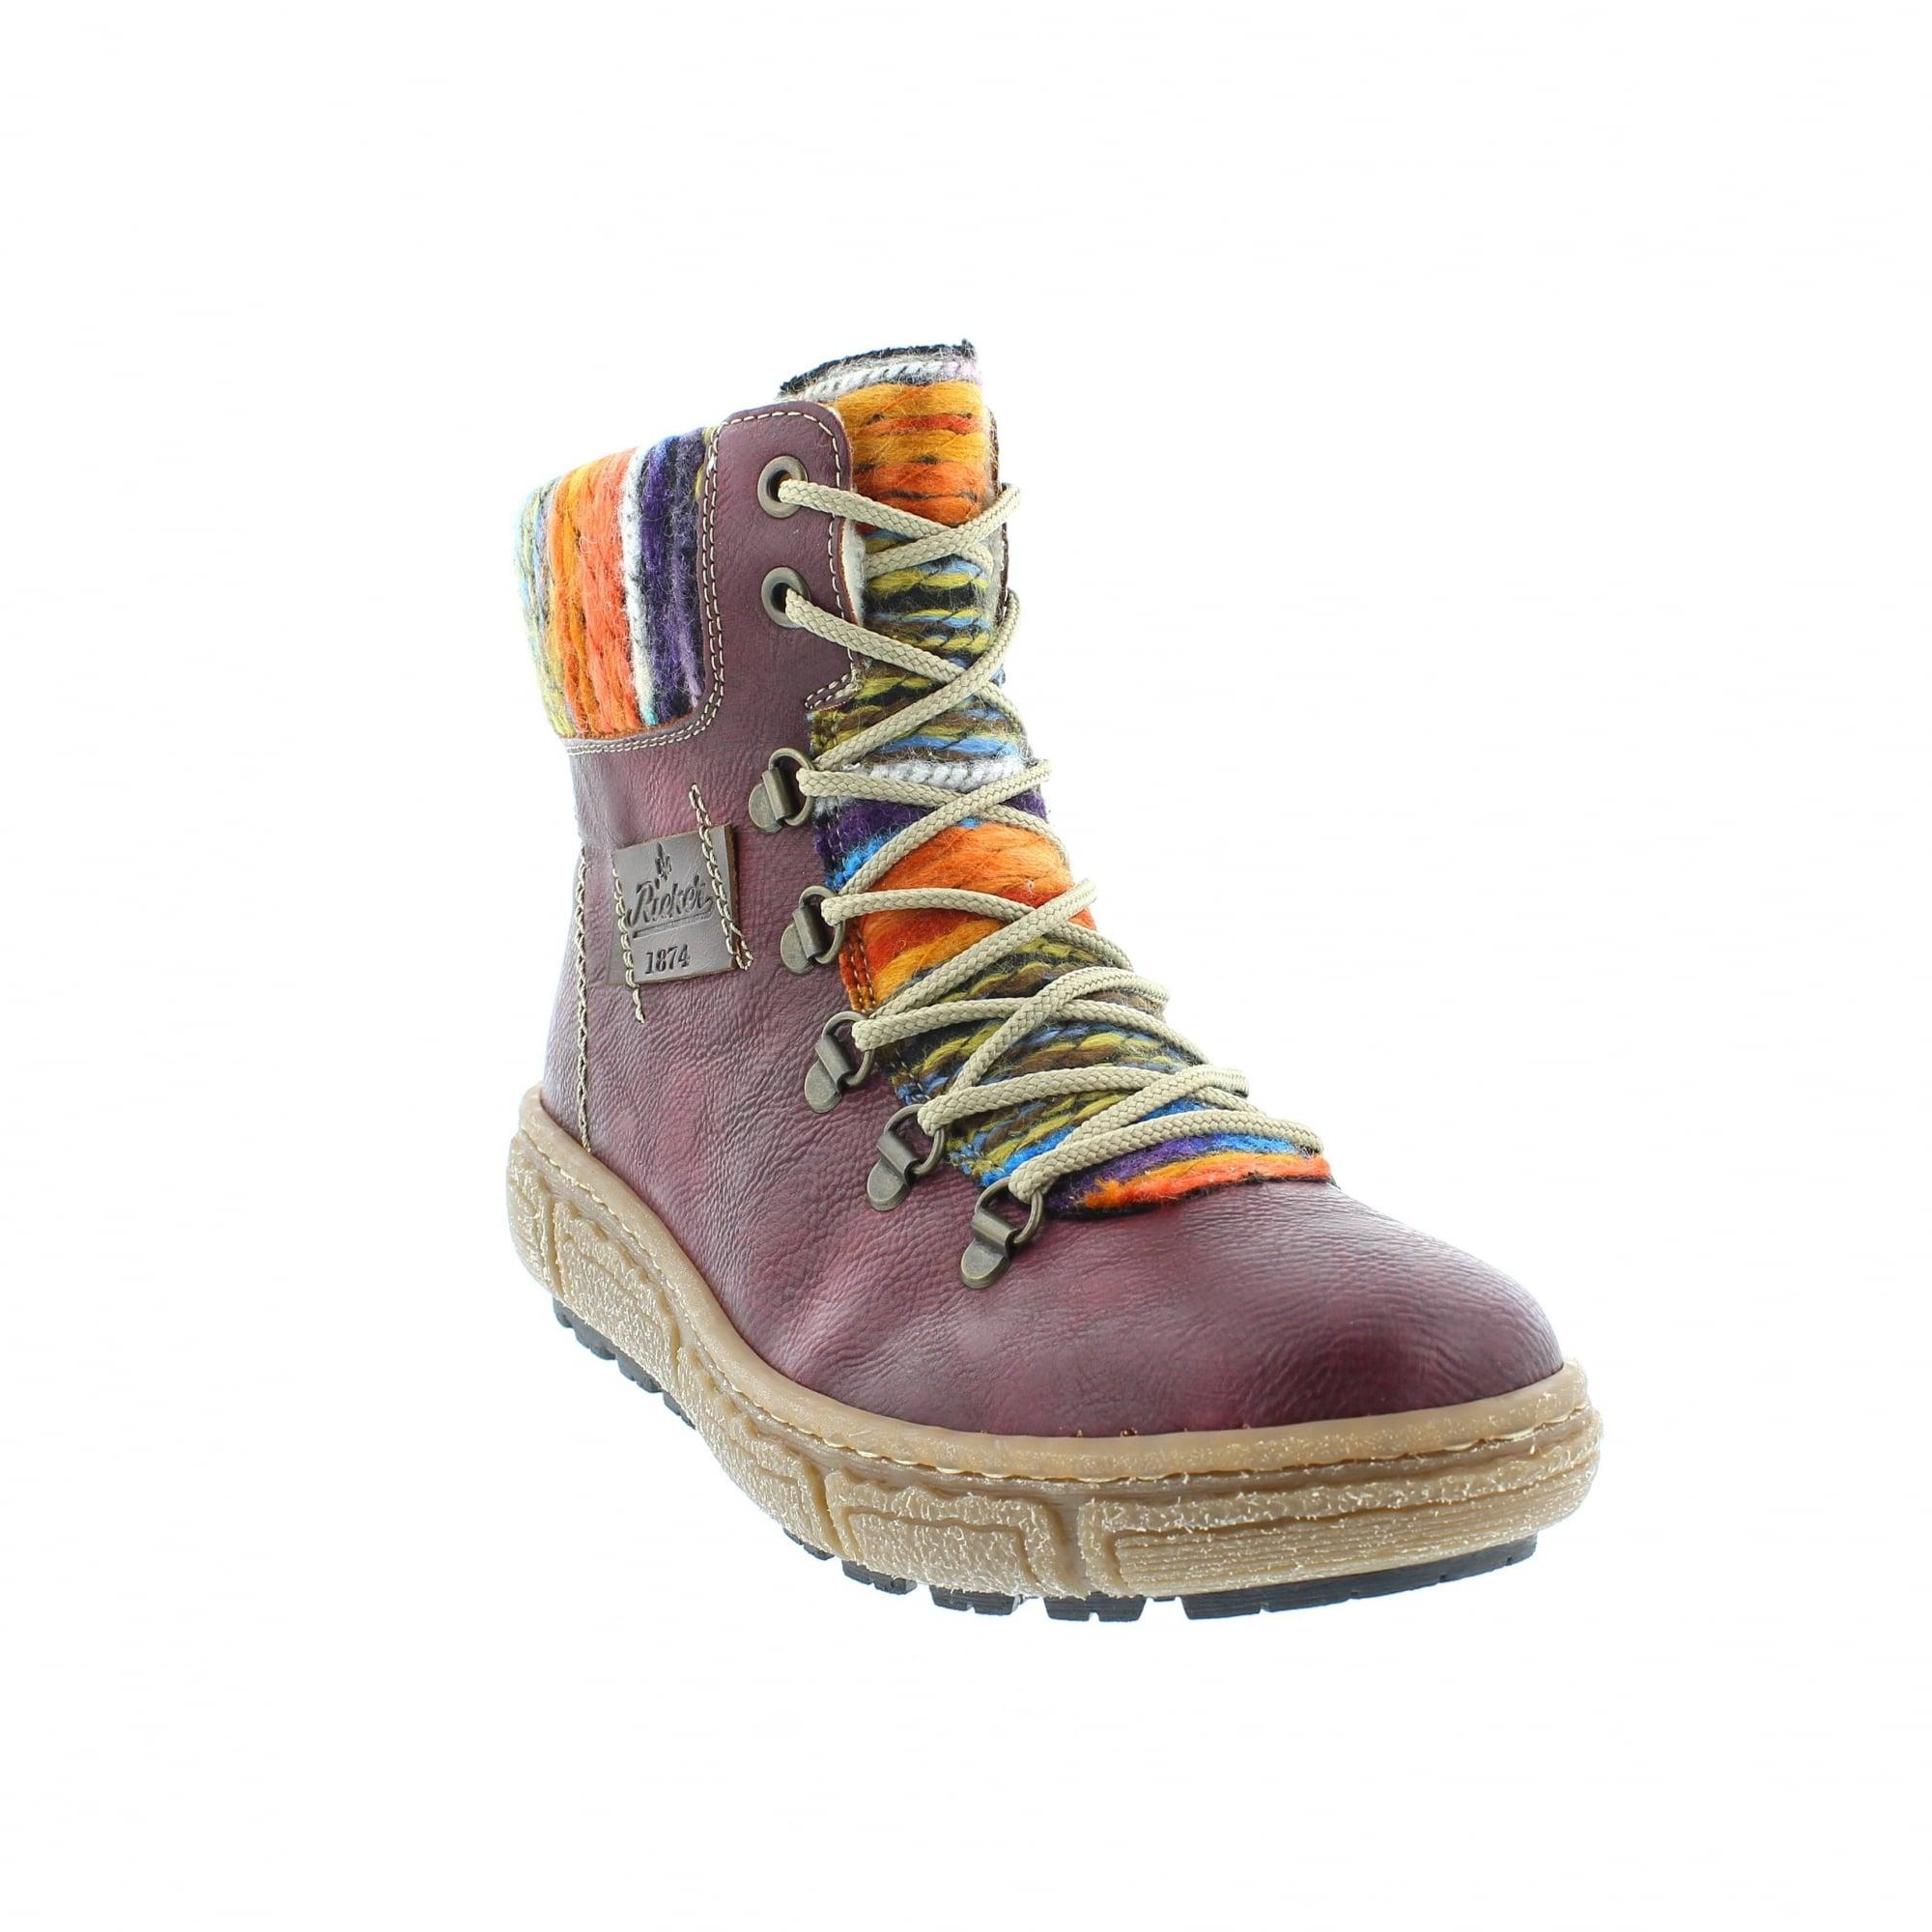 Ankle Boots Z7943 Womens Indigo Shoesamp; Bags Rieker H9IDYeEW2